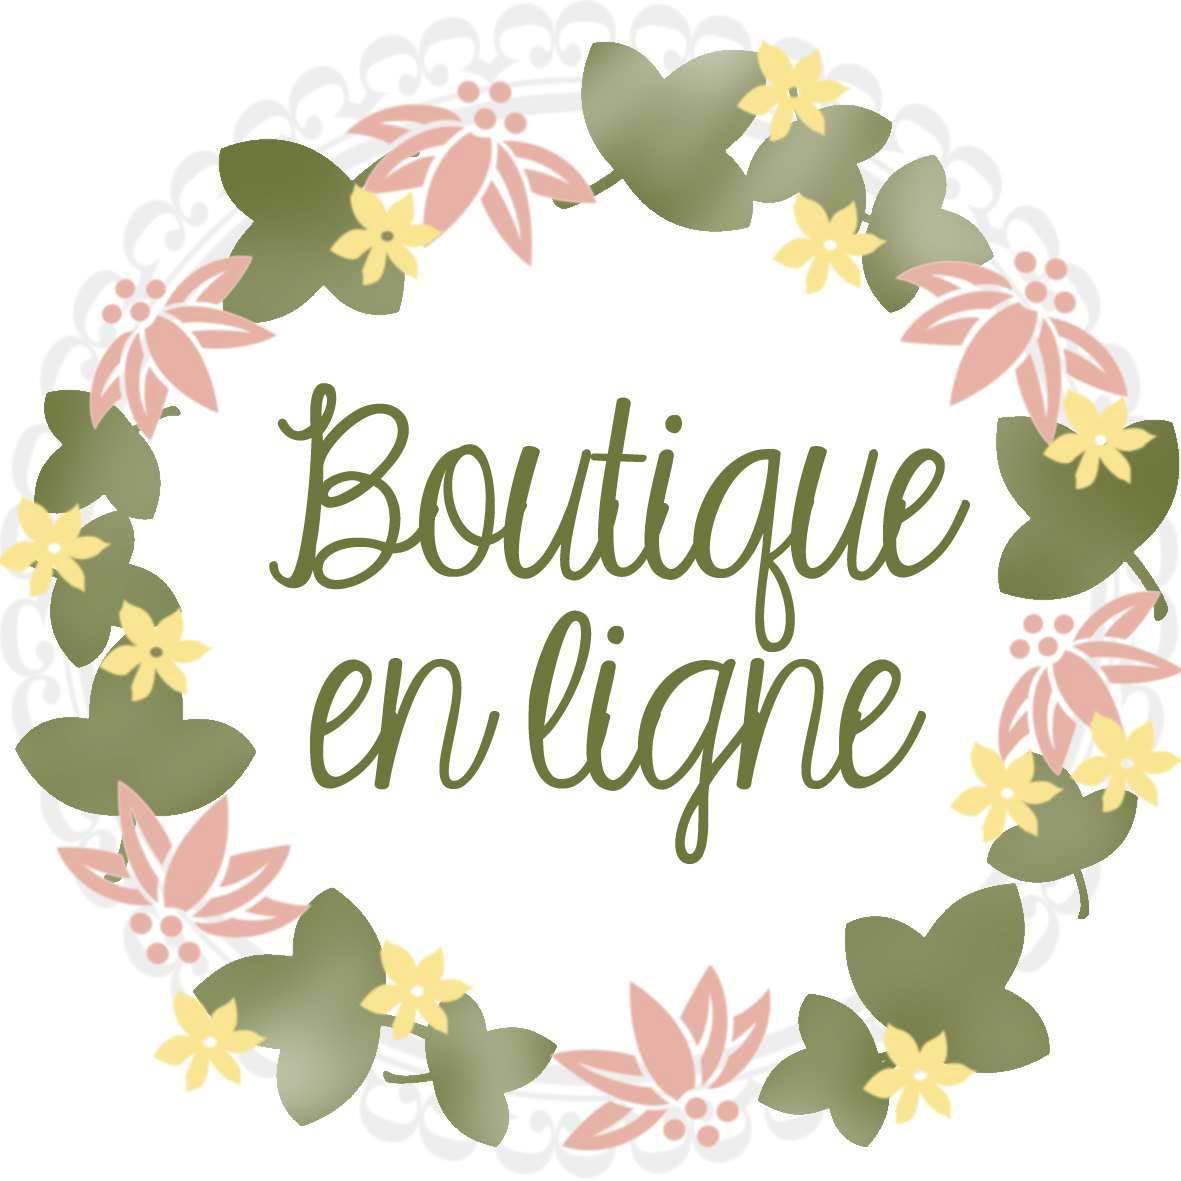 boutique fleuriste en ligne